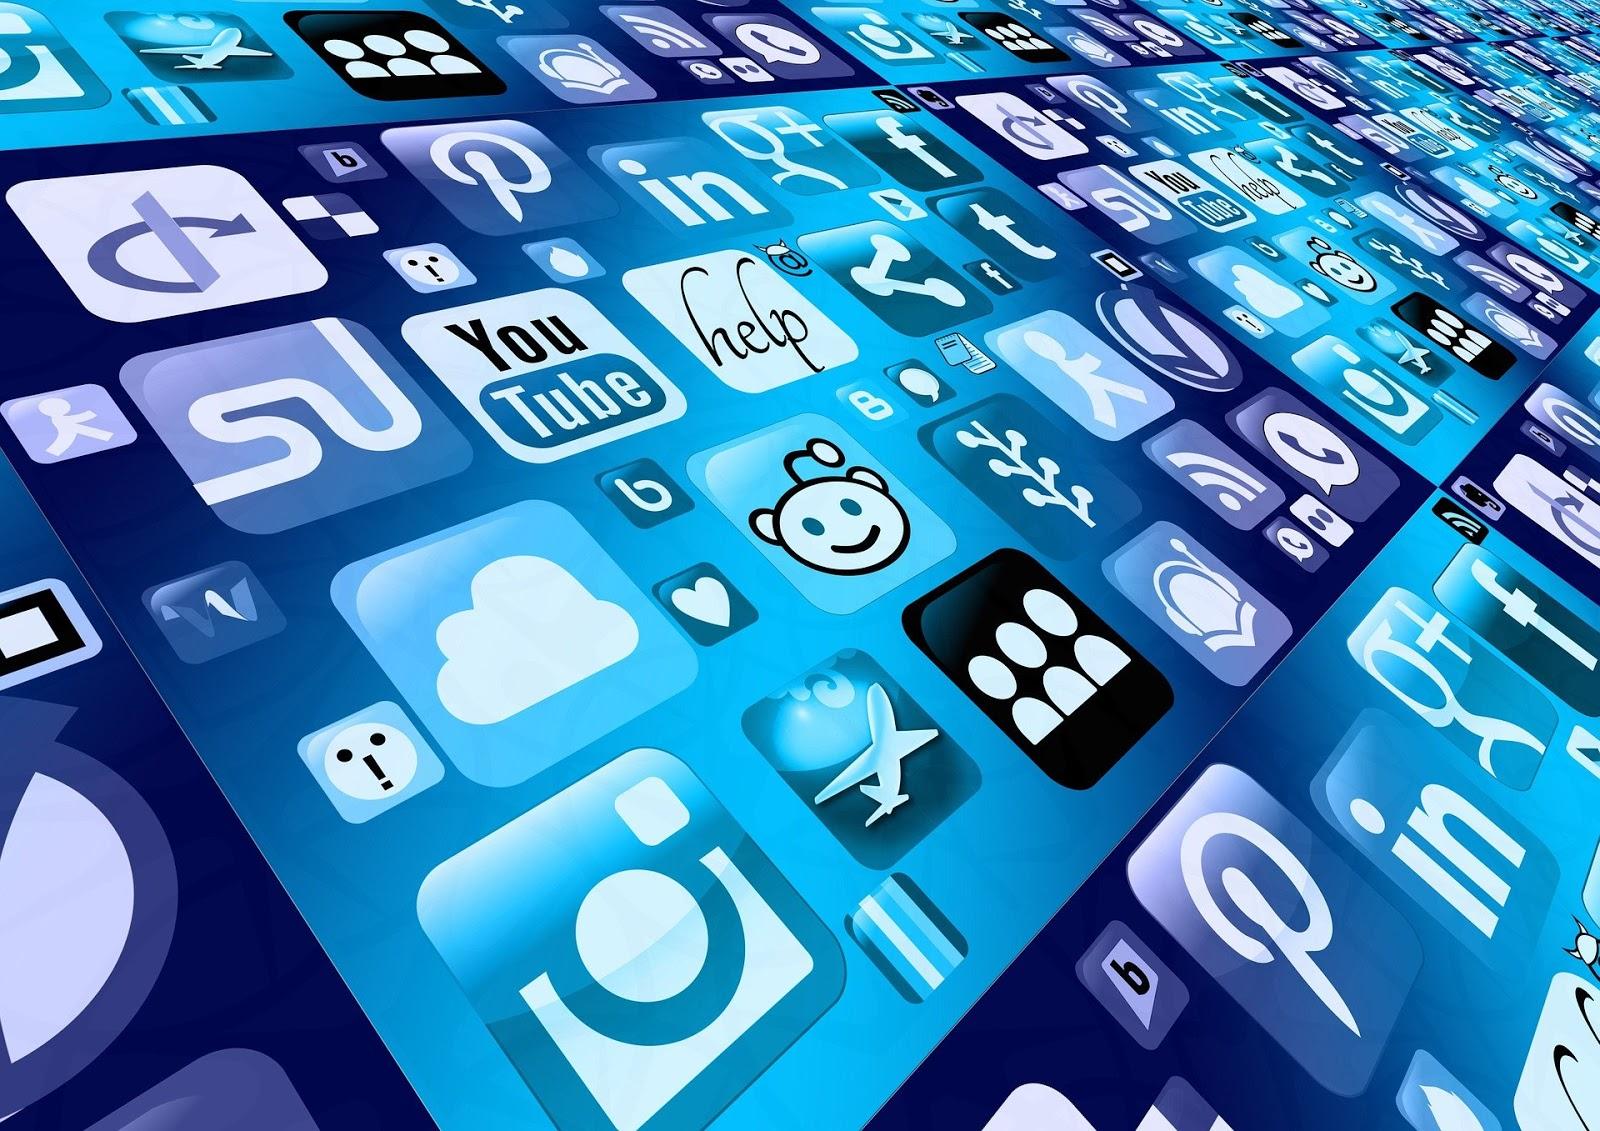 apps and social media hacks